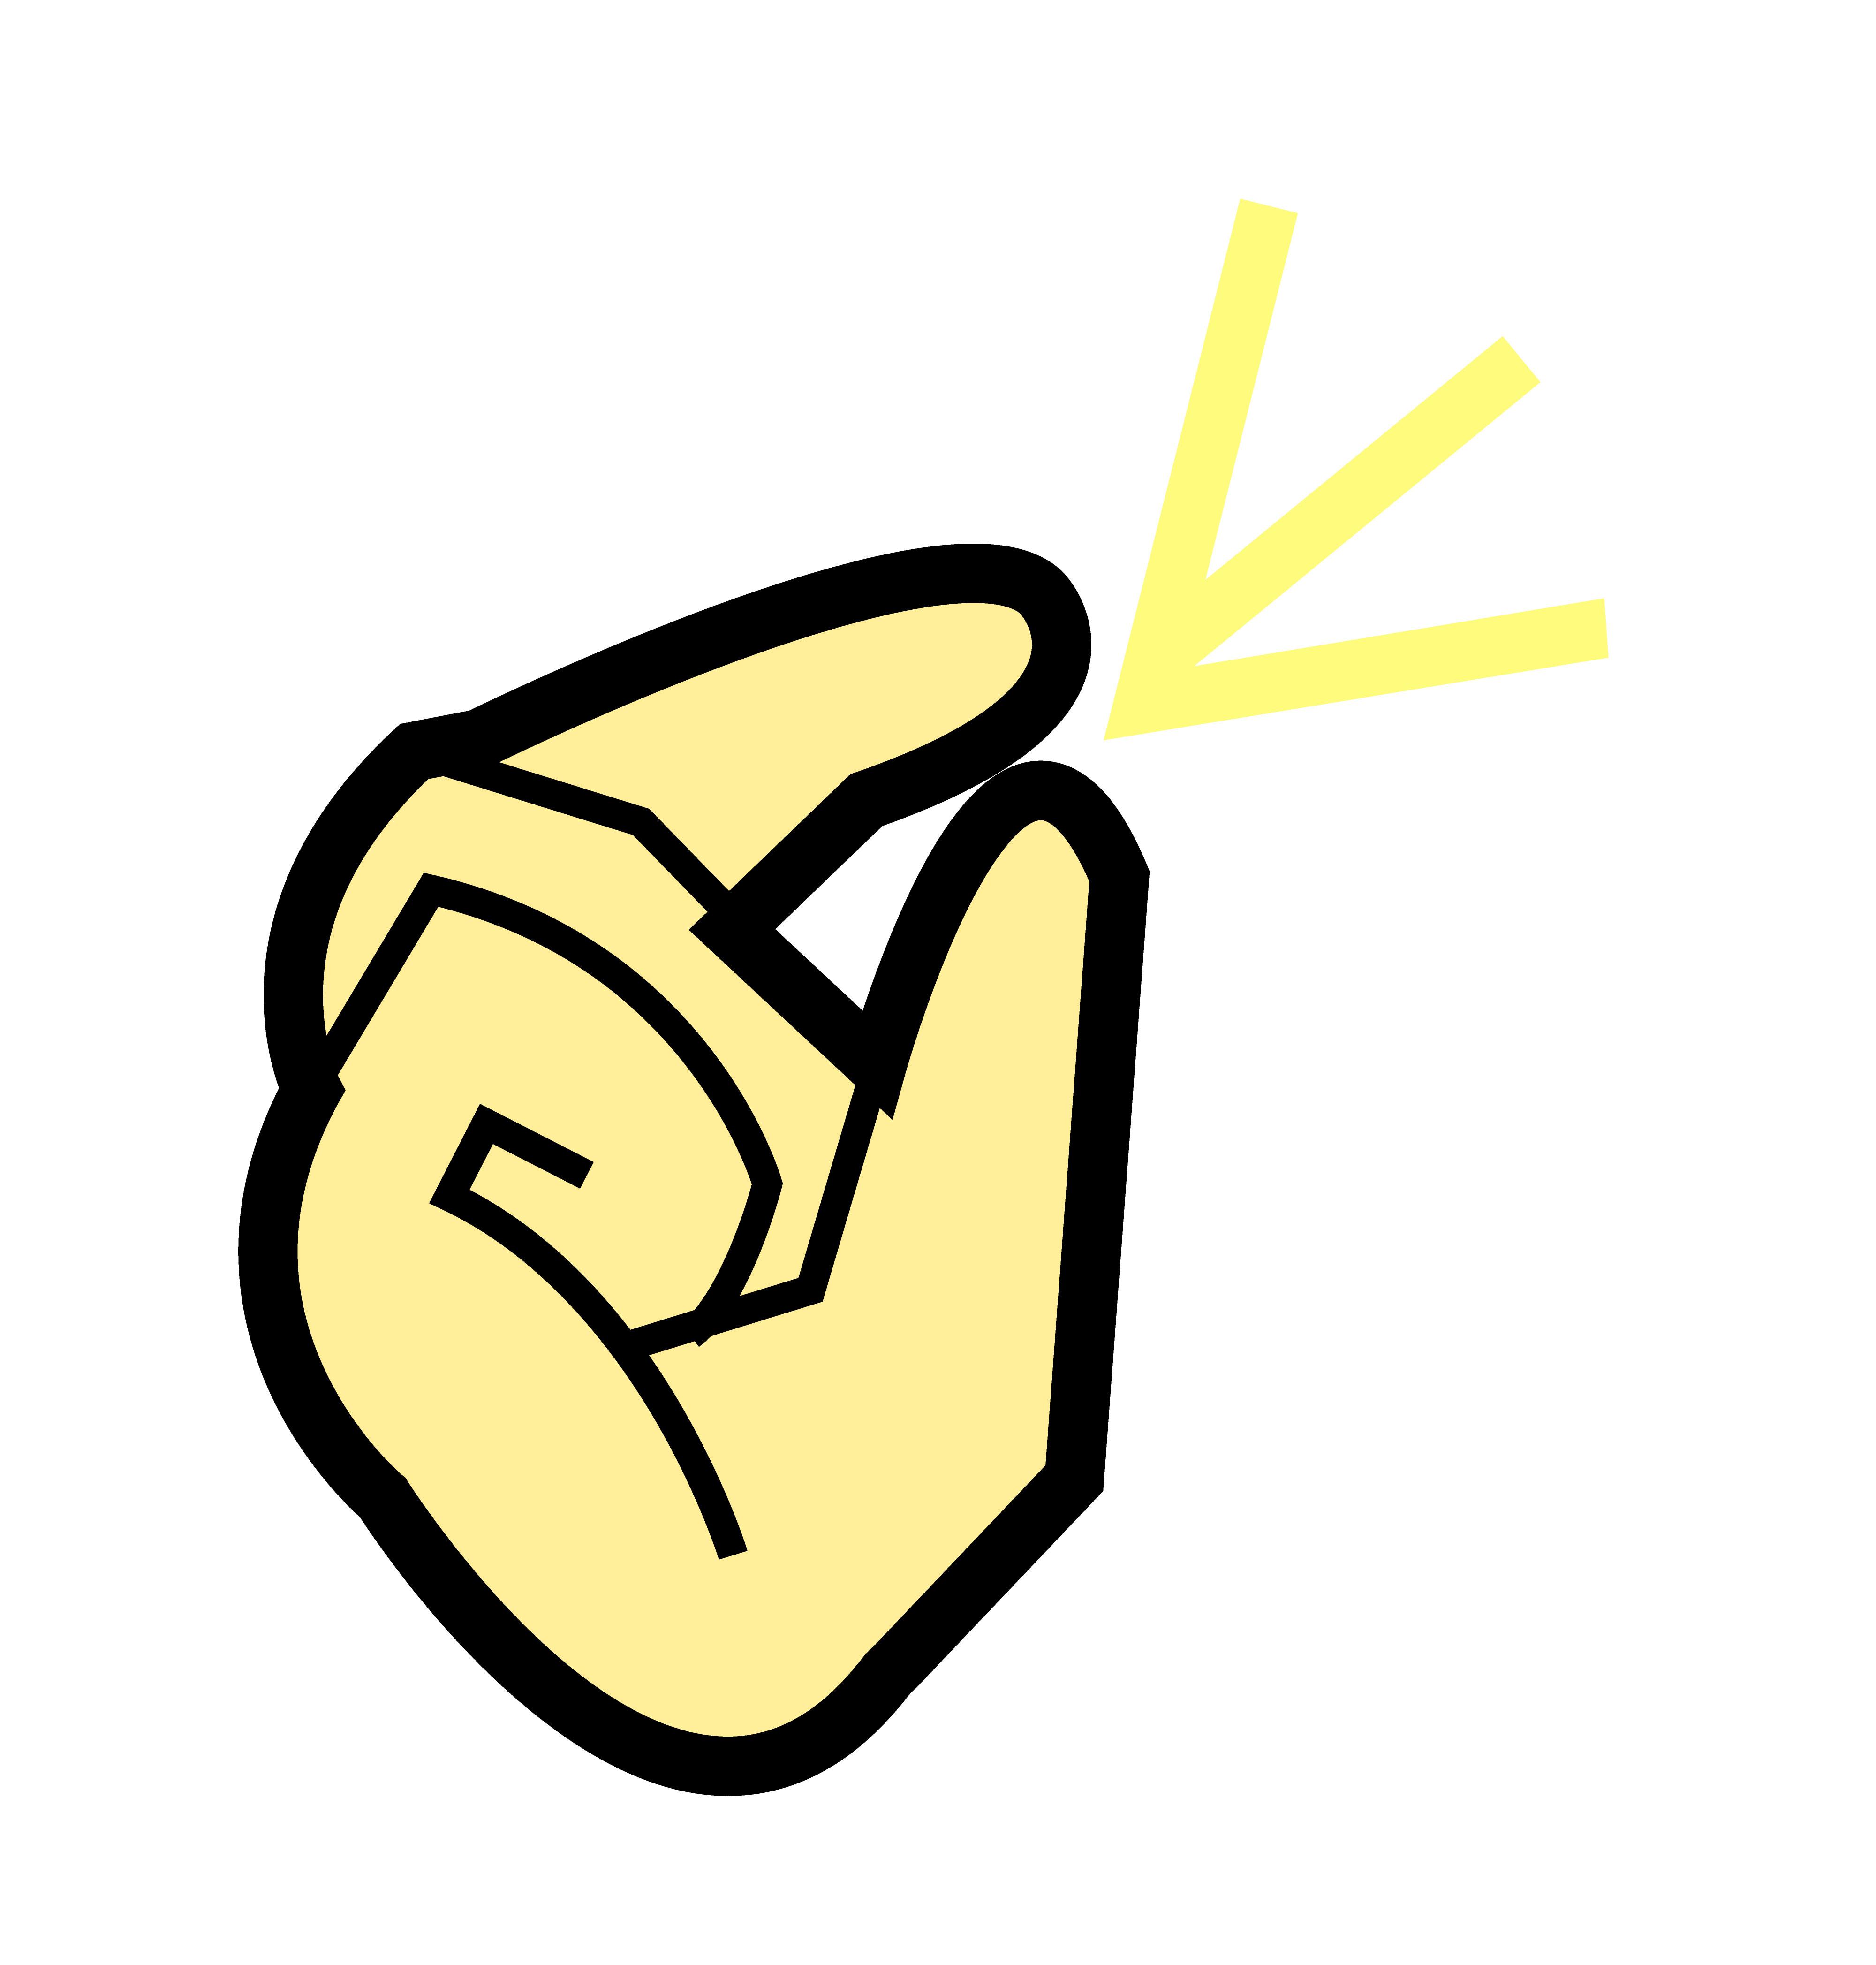 finger snap free vector art 10 free downloads vecteezy